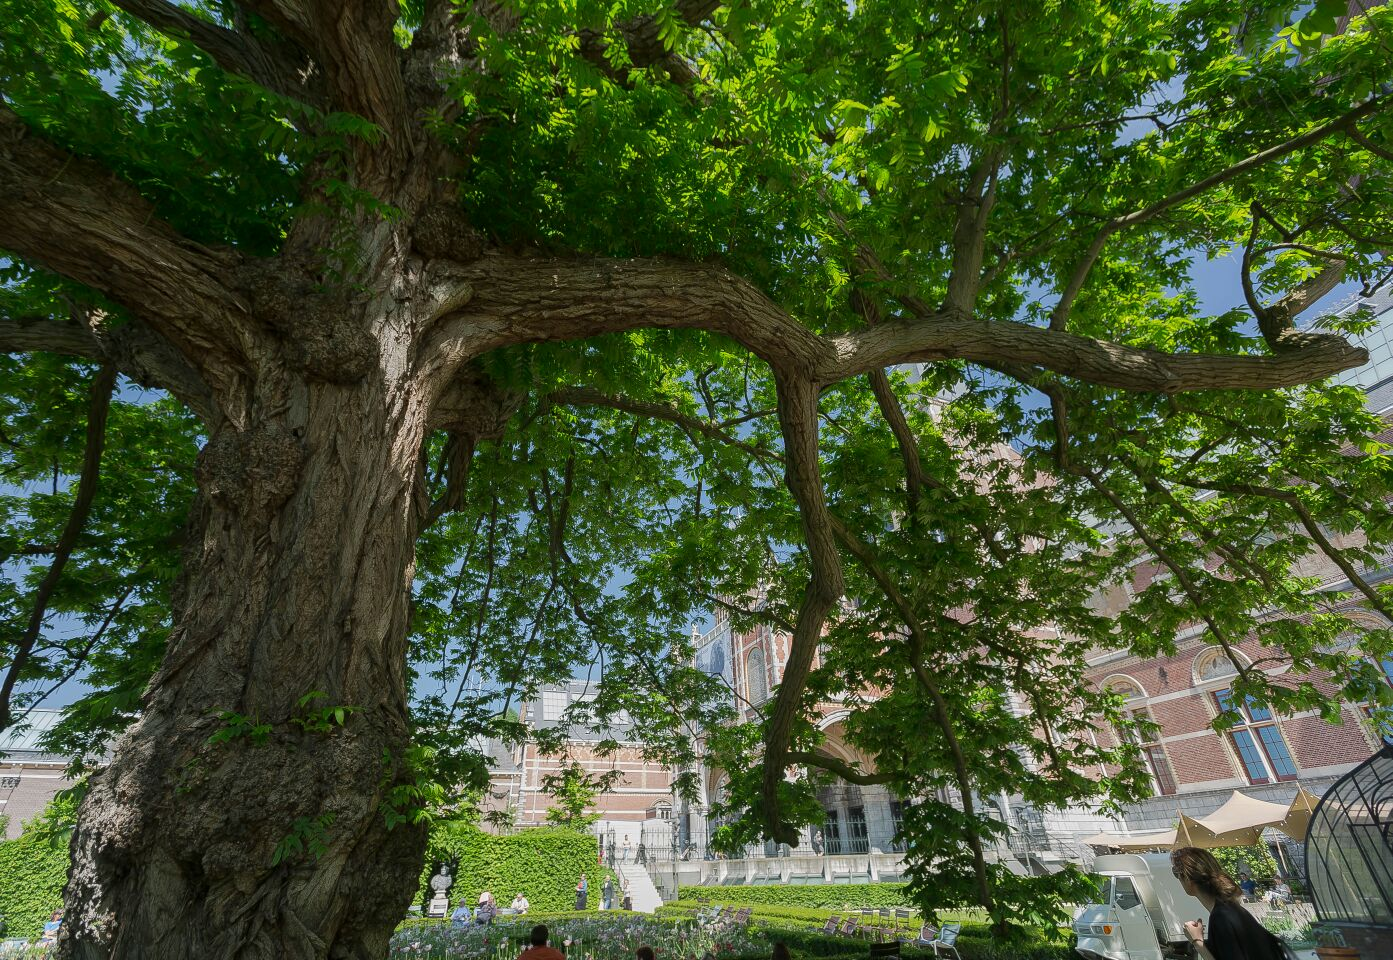 La sombra de un árbol...y pensar...